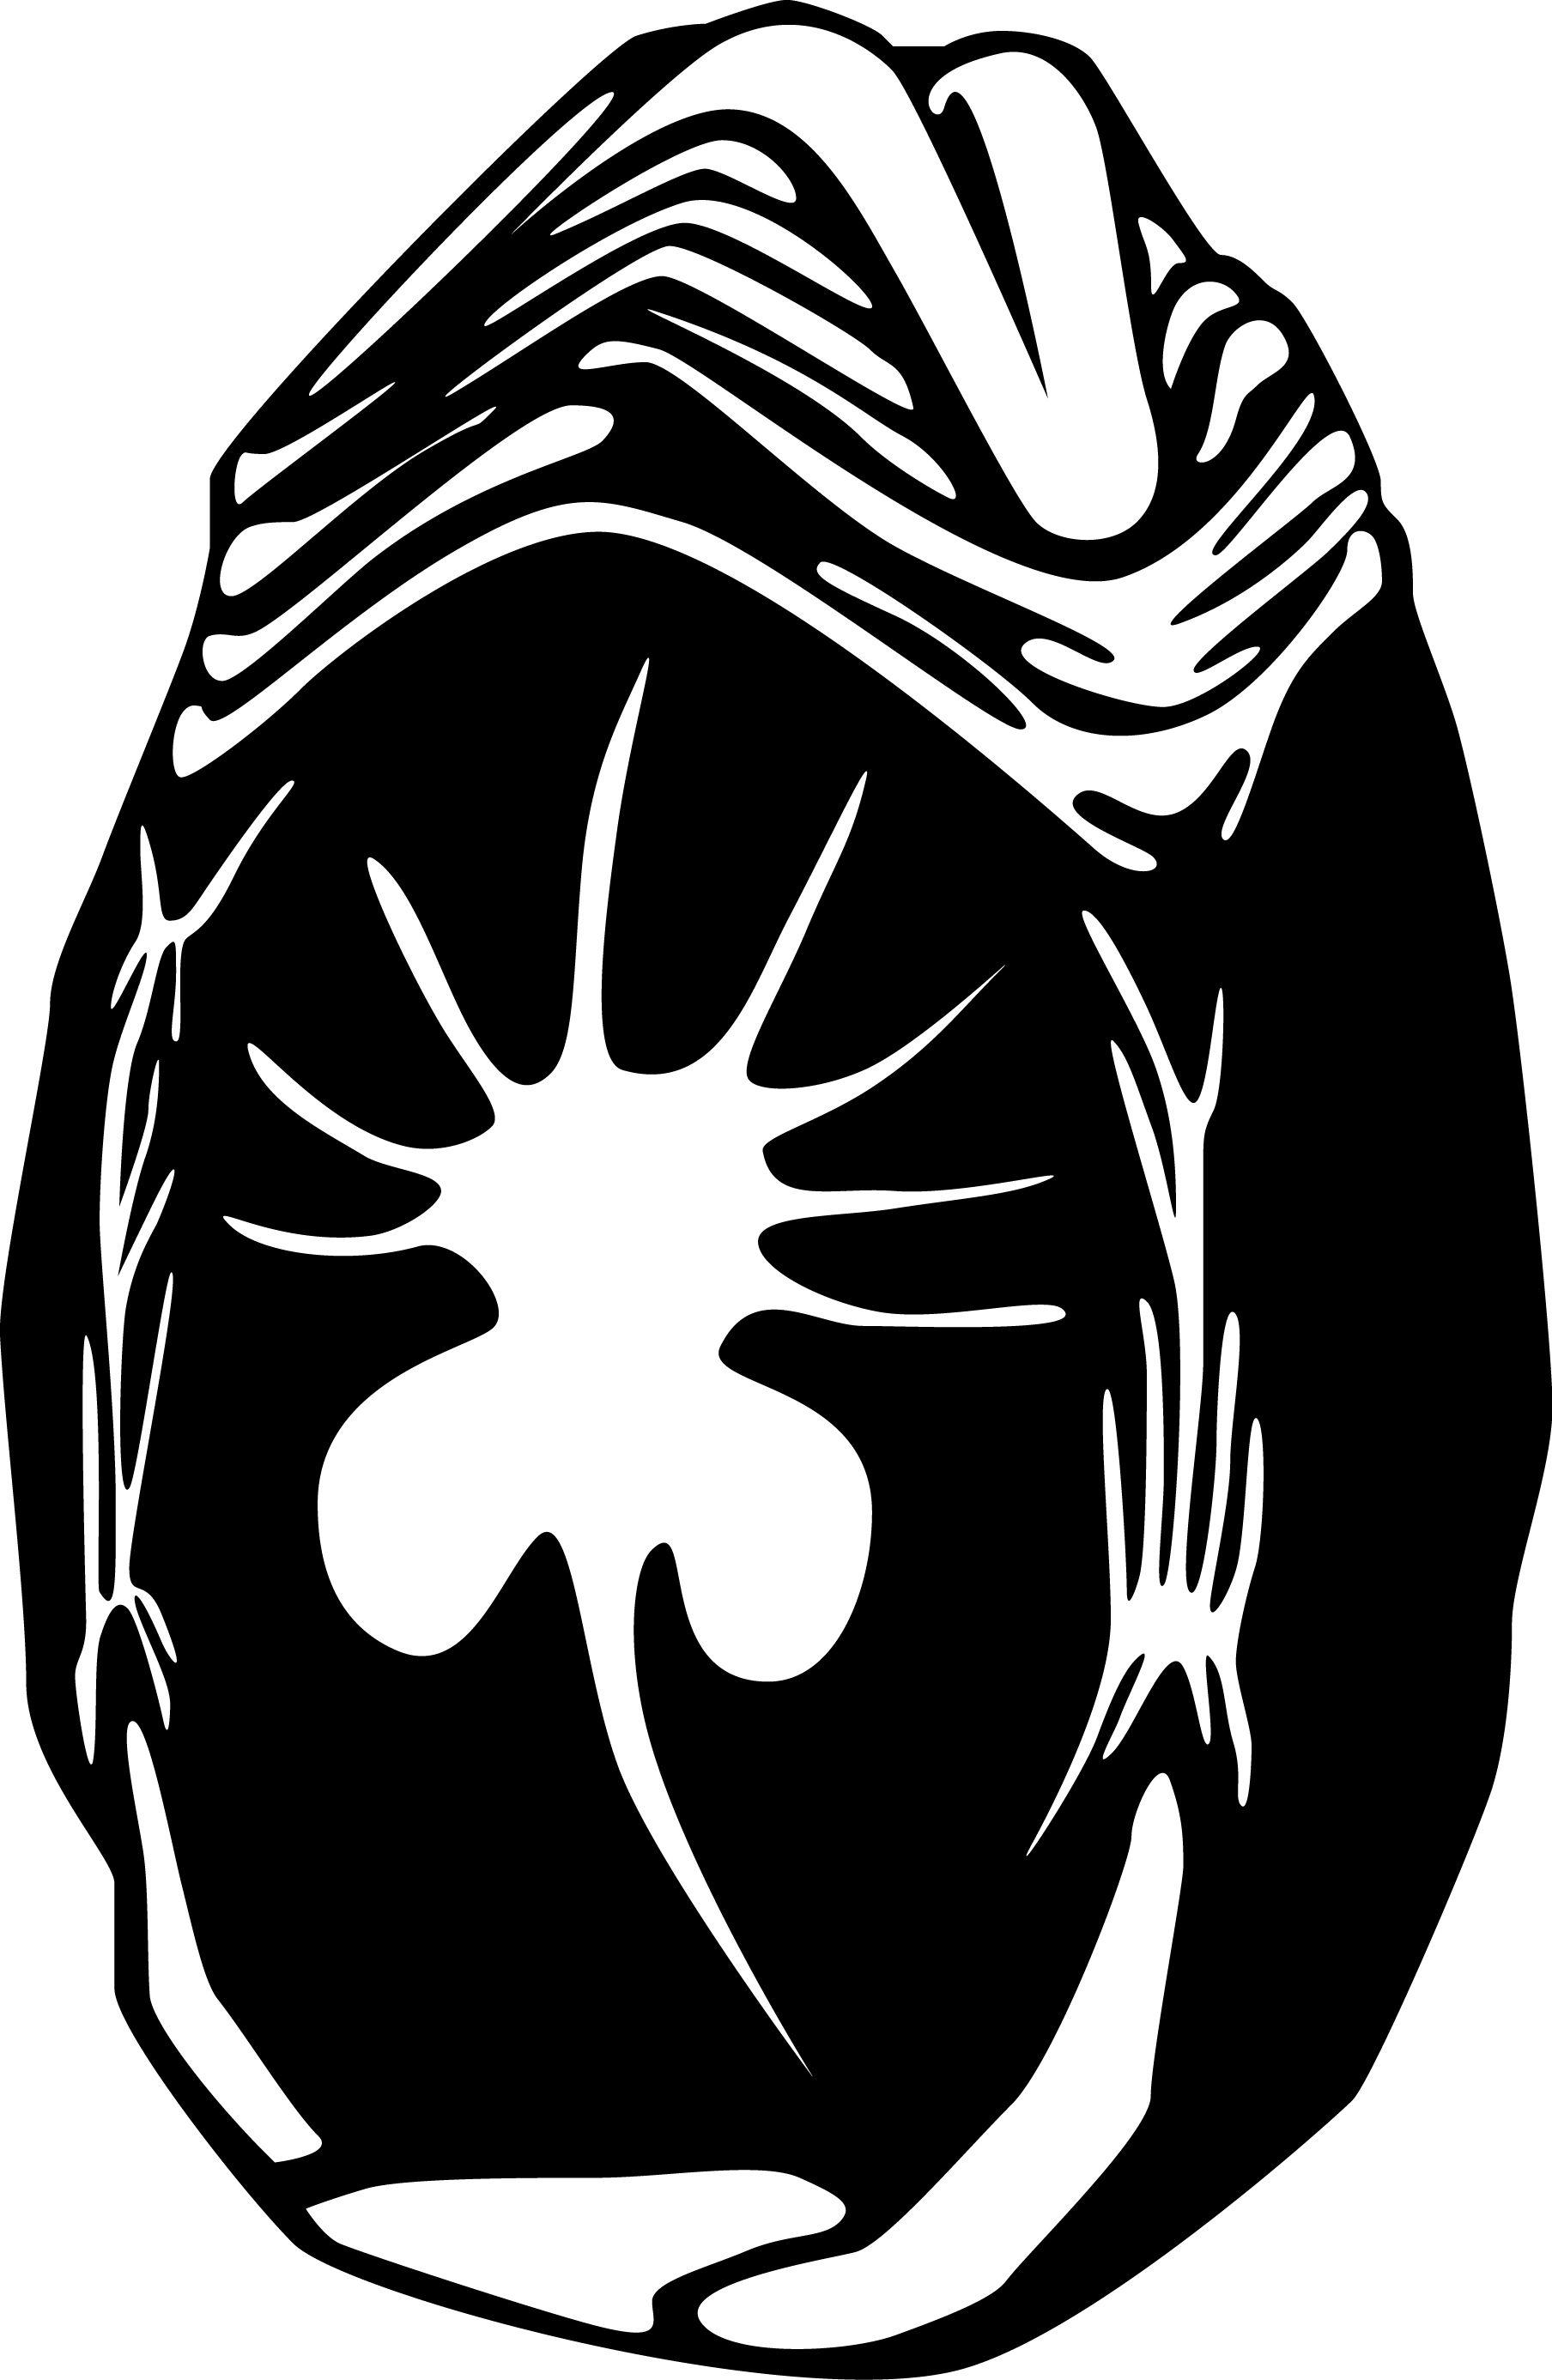 Uovo Alien. L'illustrazione dell'uovo di Alien per un biglietto d'auguri intagliato con la laser cutter. #giuliabasolugrafica #graphic #illustration #drawing #illustrator #digitalart #vector #alien